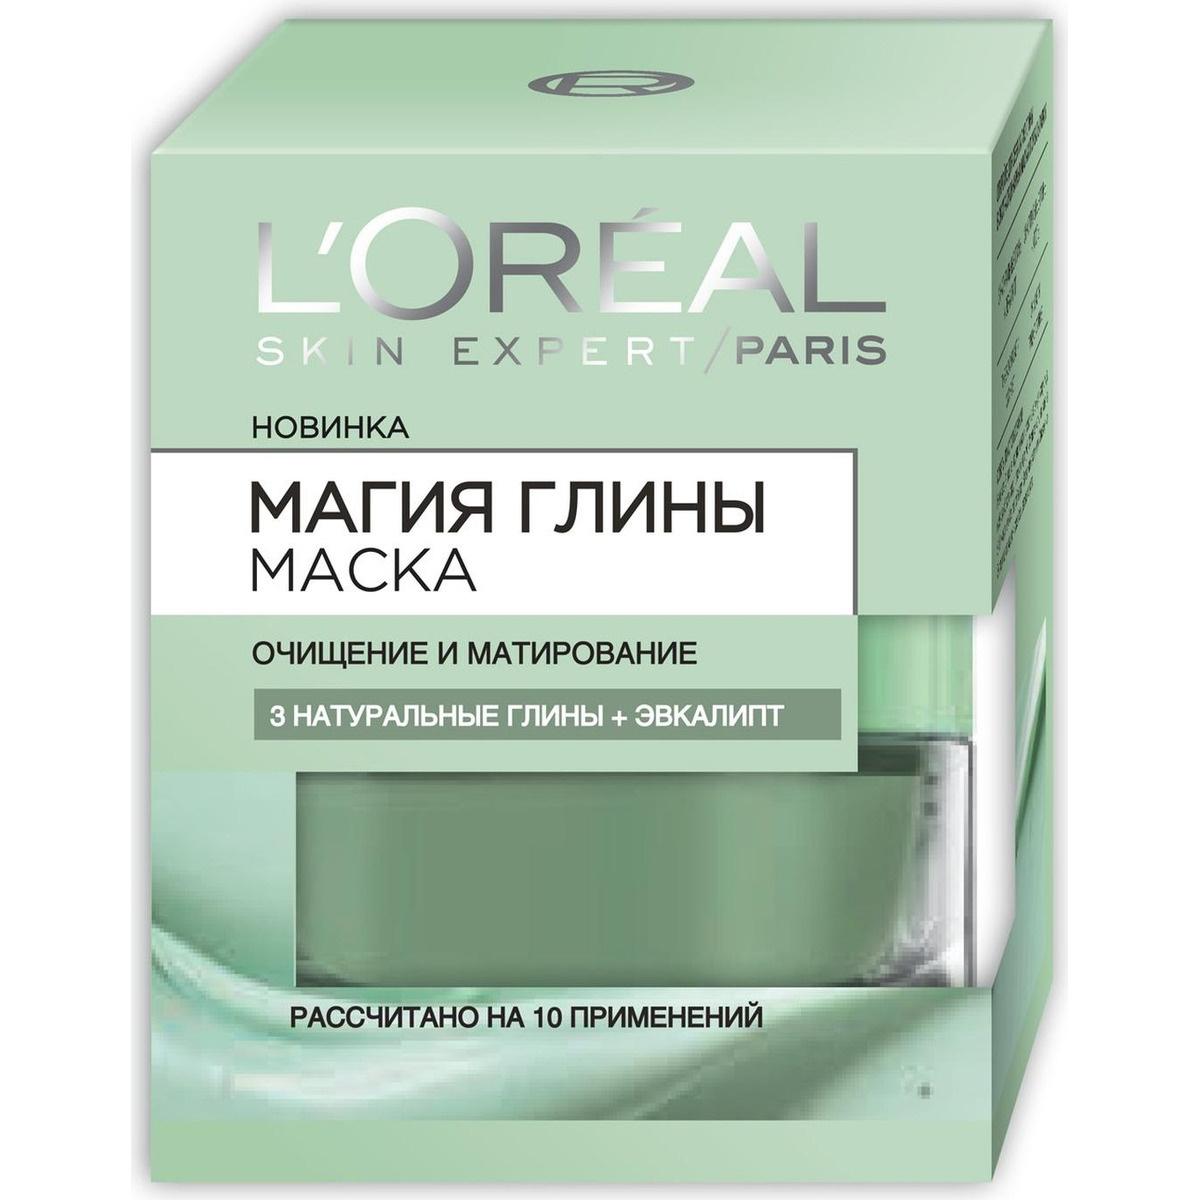 """L'Oreal Paris Маска для лица """"Магия Глины"""" очищение и матирование с эвкалиптом, для всех типов кожи, #1"""